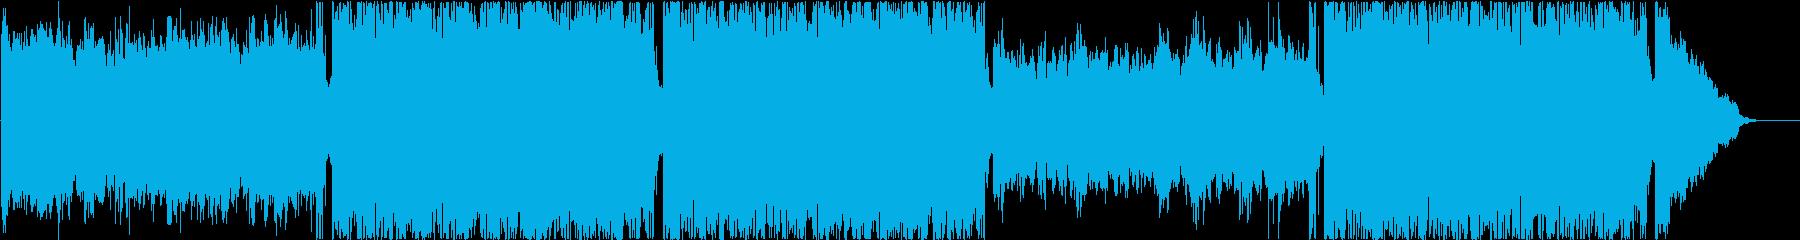 チルアウト、ヒップホップの再生済みの波形